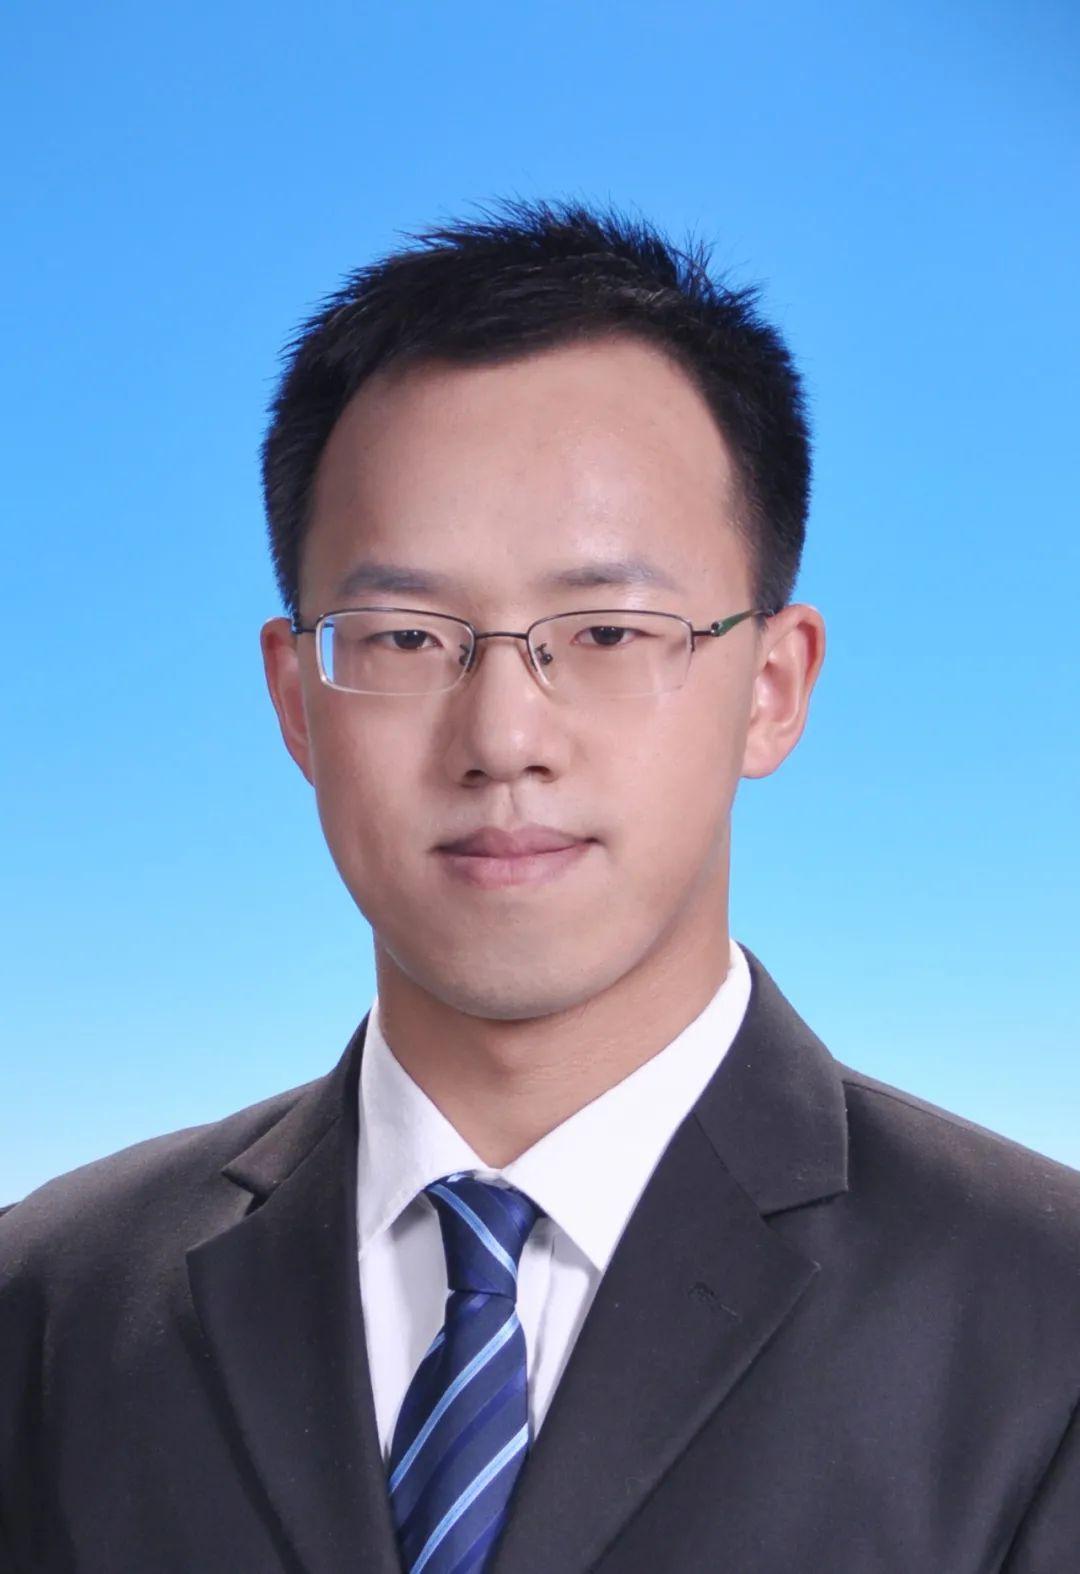 基金经理一周论市丨银华基金王利刚:今年市场波动加大 重点看好科技和农业相关投资机会